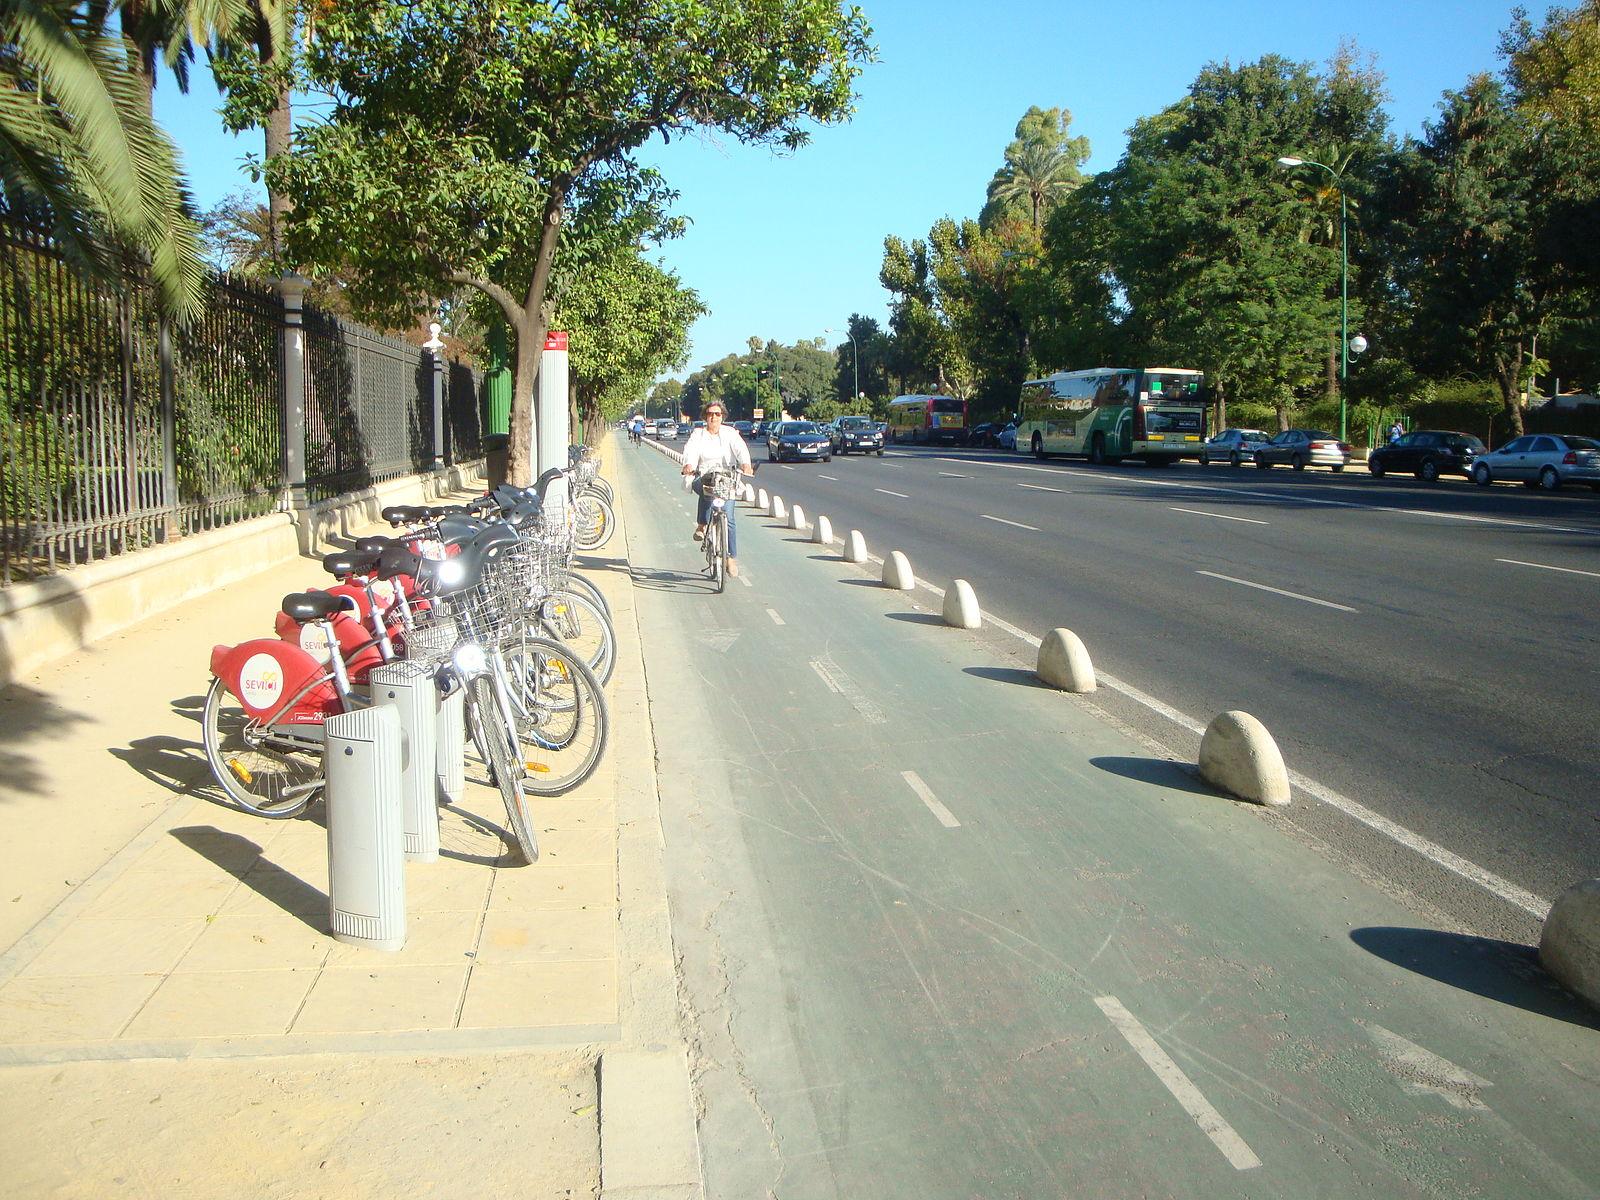 Sobre bicicletas, aparcamiento y ciudades del futuro